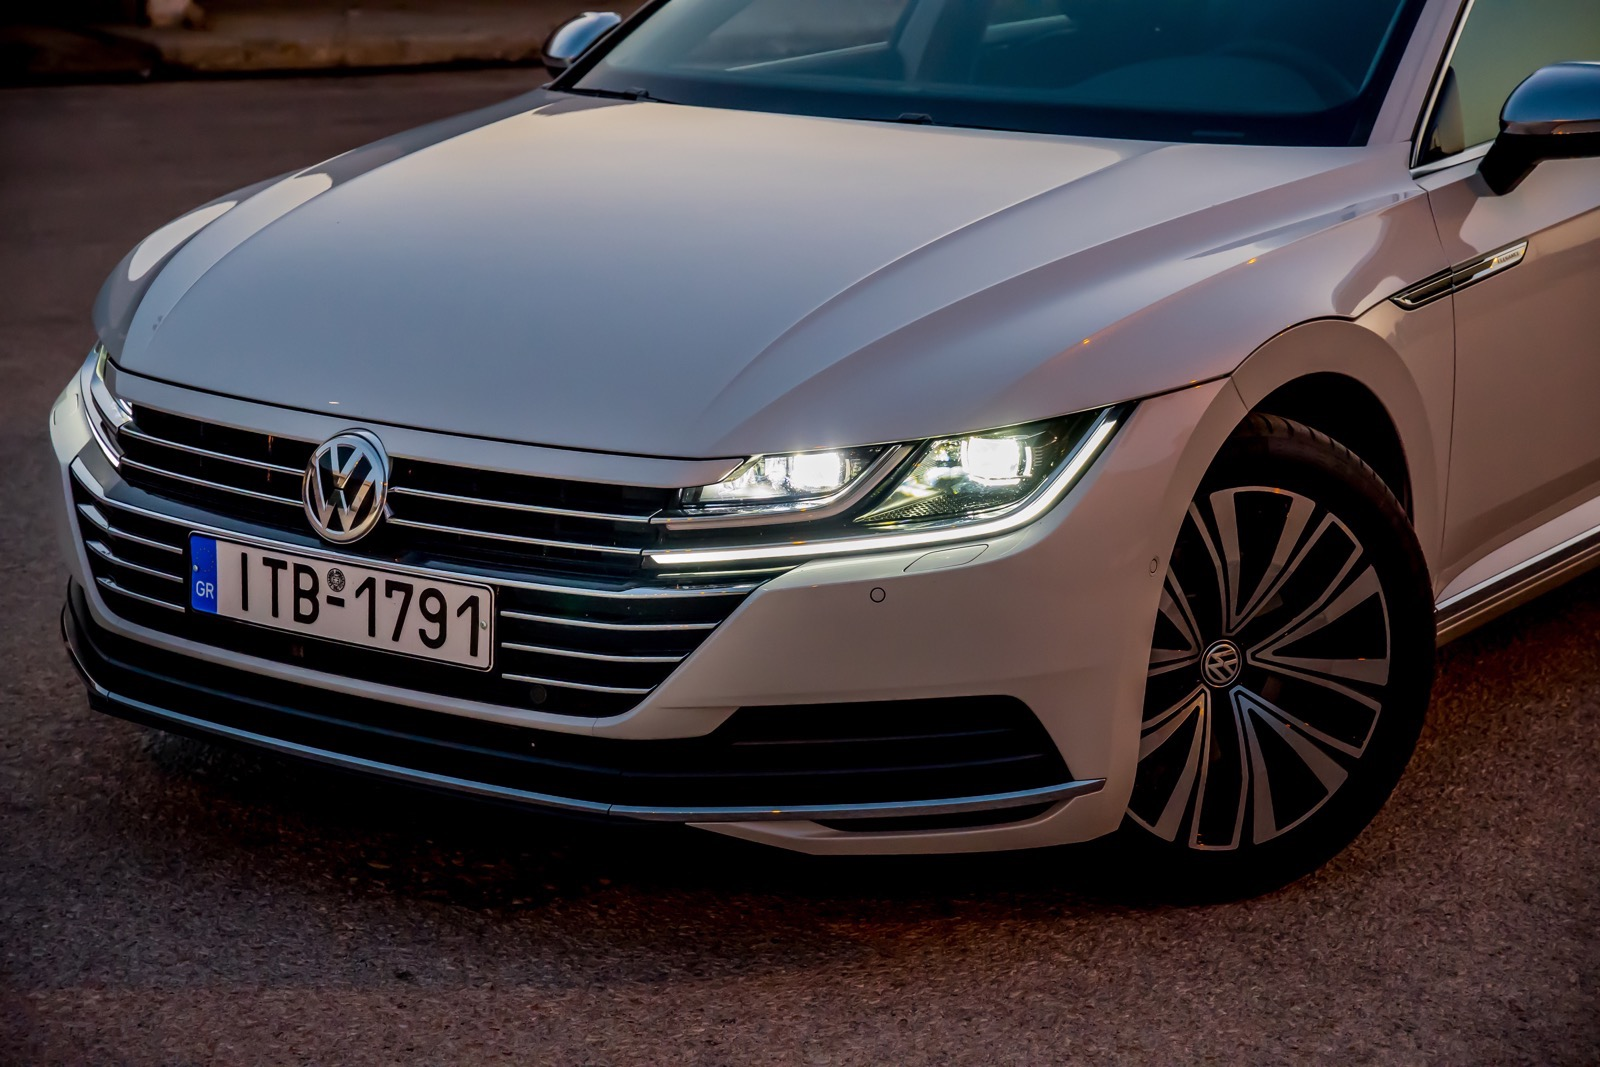 Volkswagen_Arteon_Greek_Presentataion_26